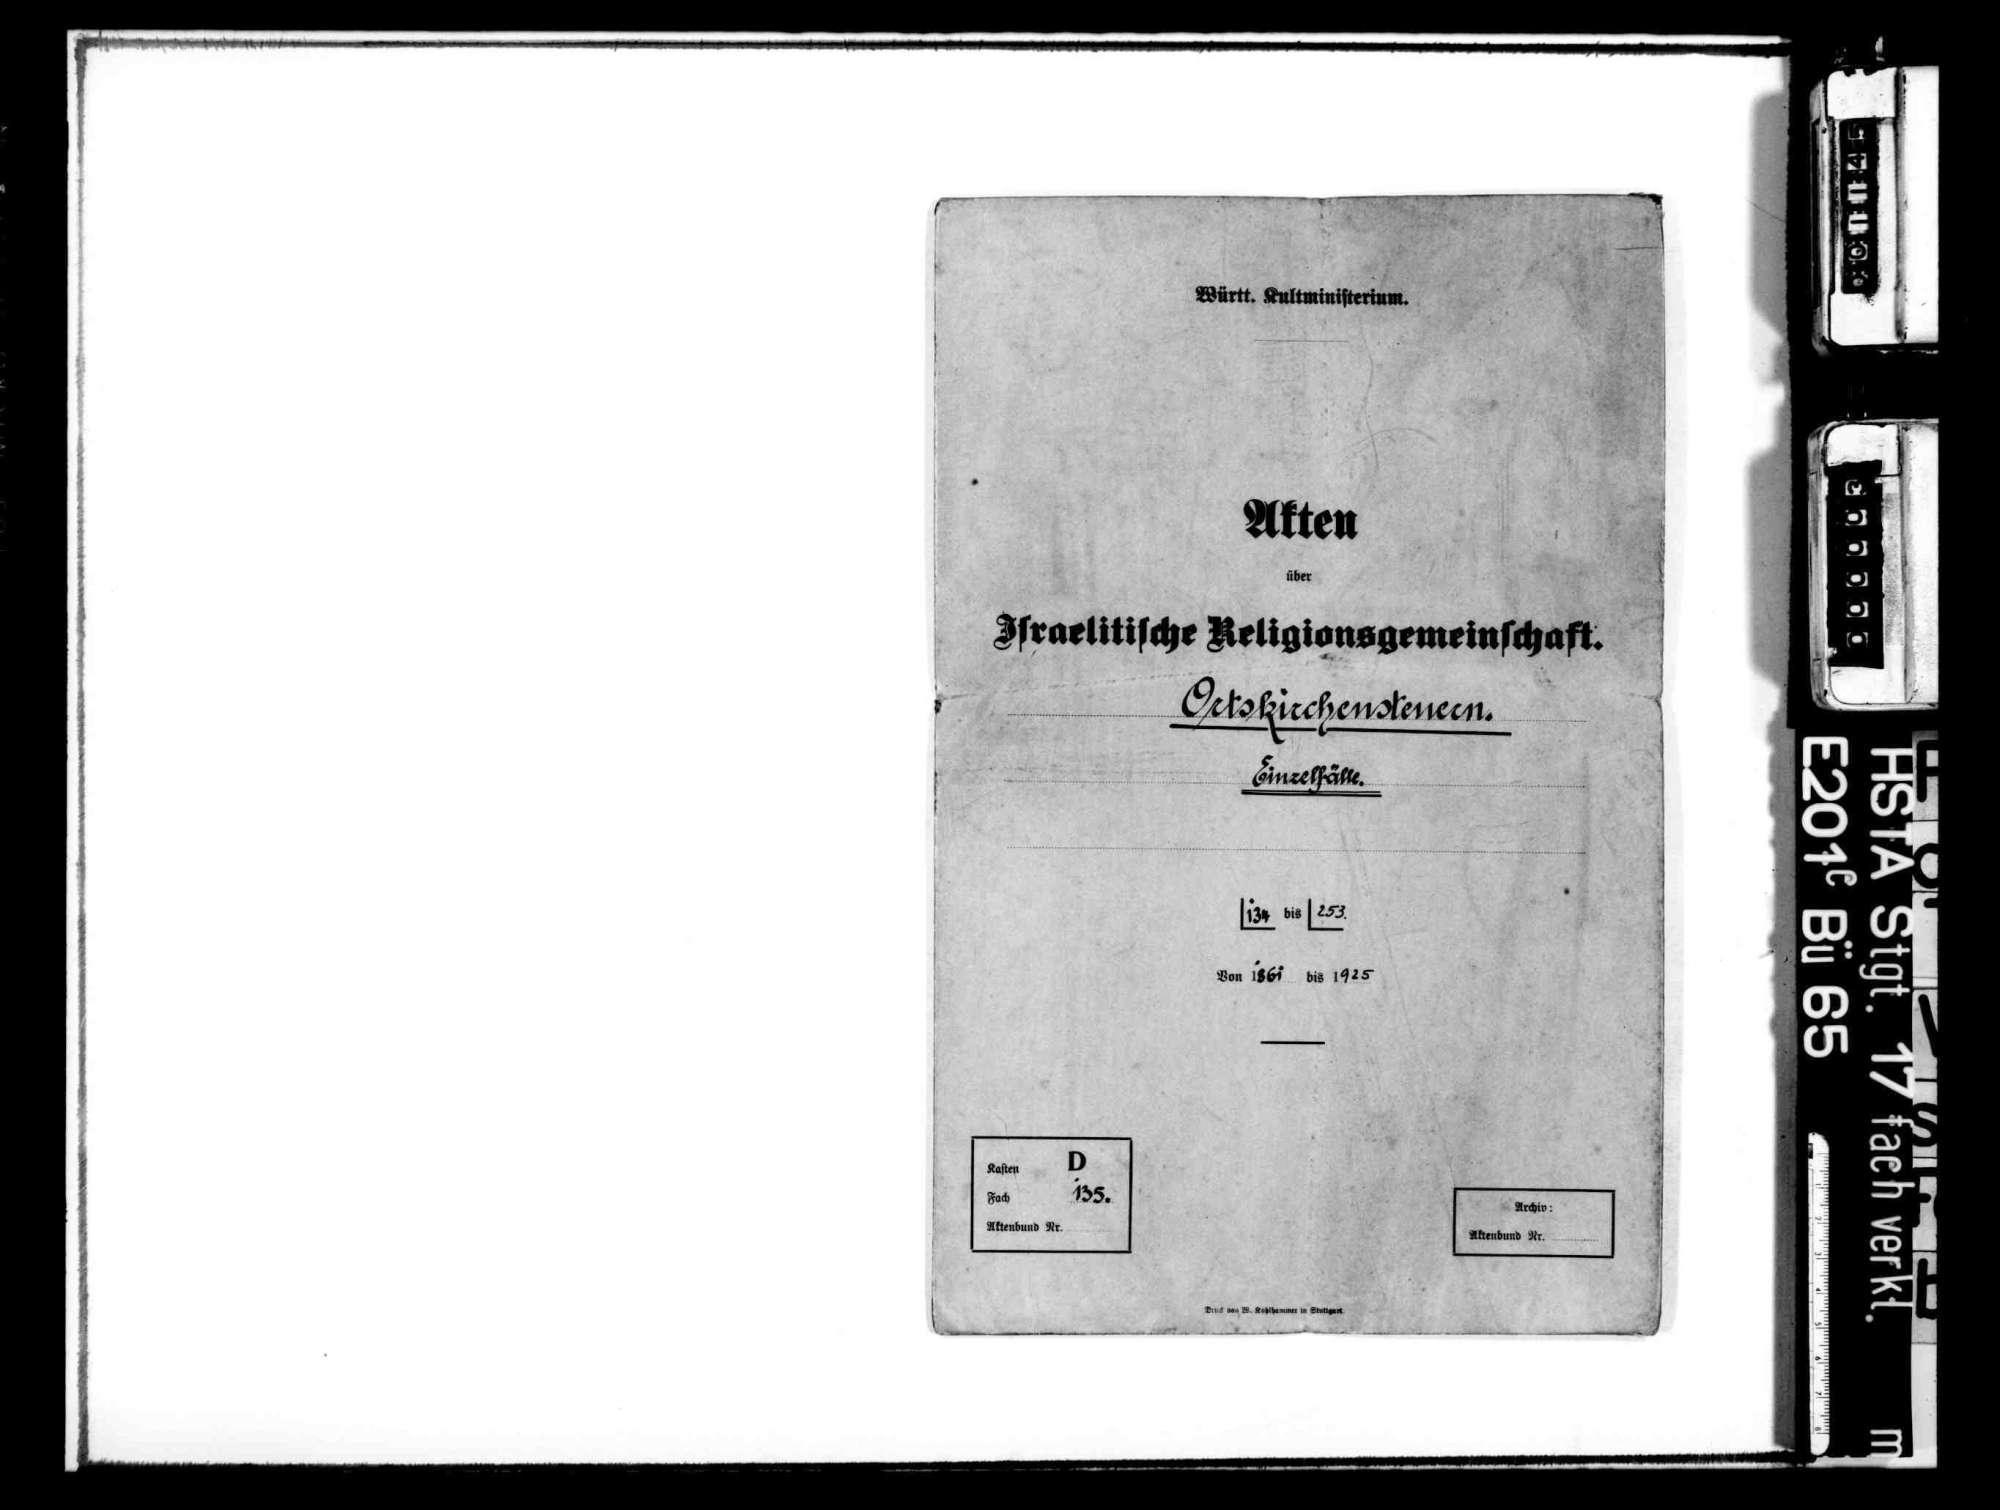 Besteuerung der Gemeinden und einzelner Gemeindemitglieder (Teil II): Gemeindeetats von 1835-1860, außerordentliche Aufwendungen für soziale und Bildungseinrichtungen, Entrichtung von Kultkosten, Bild 1